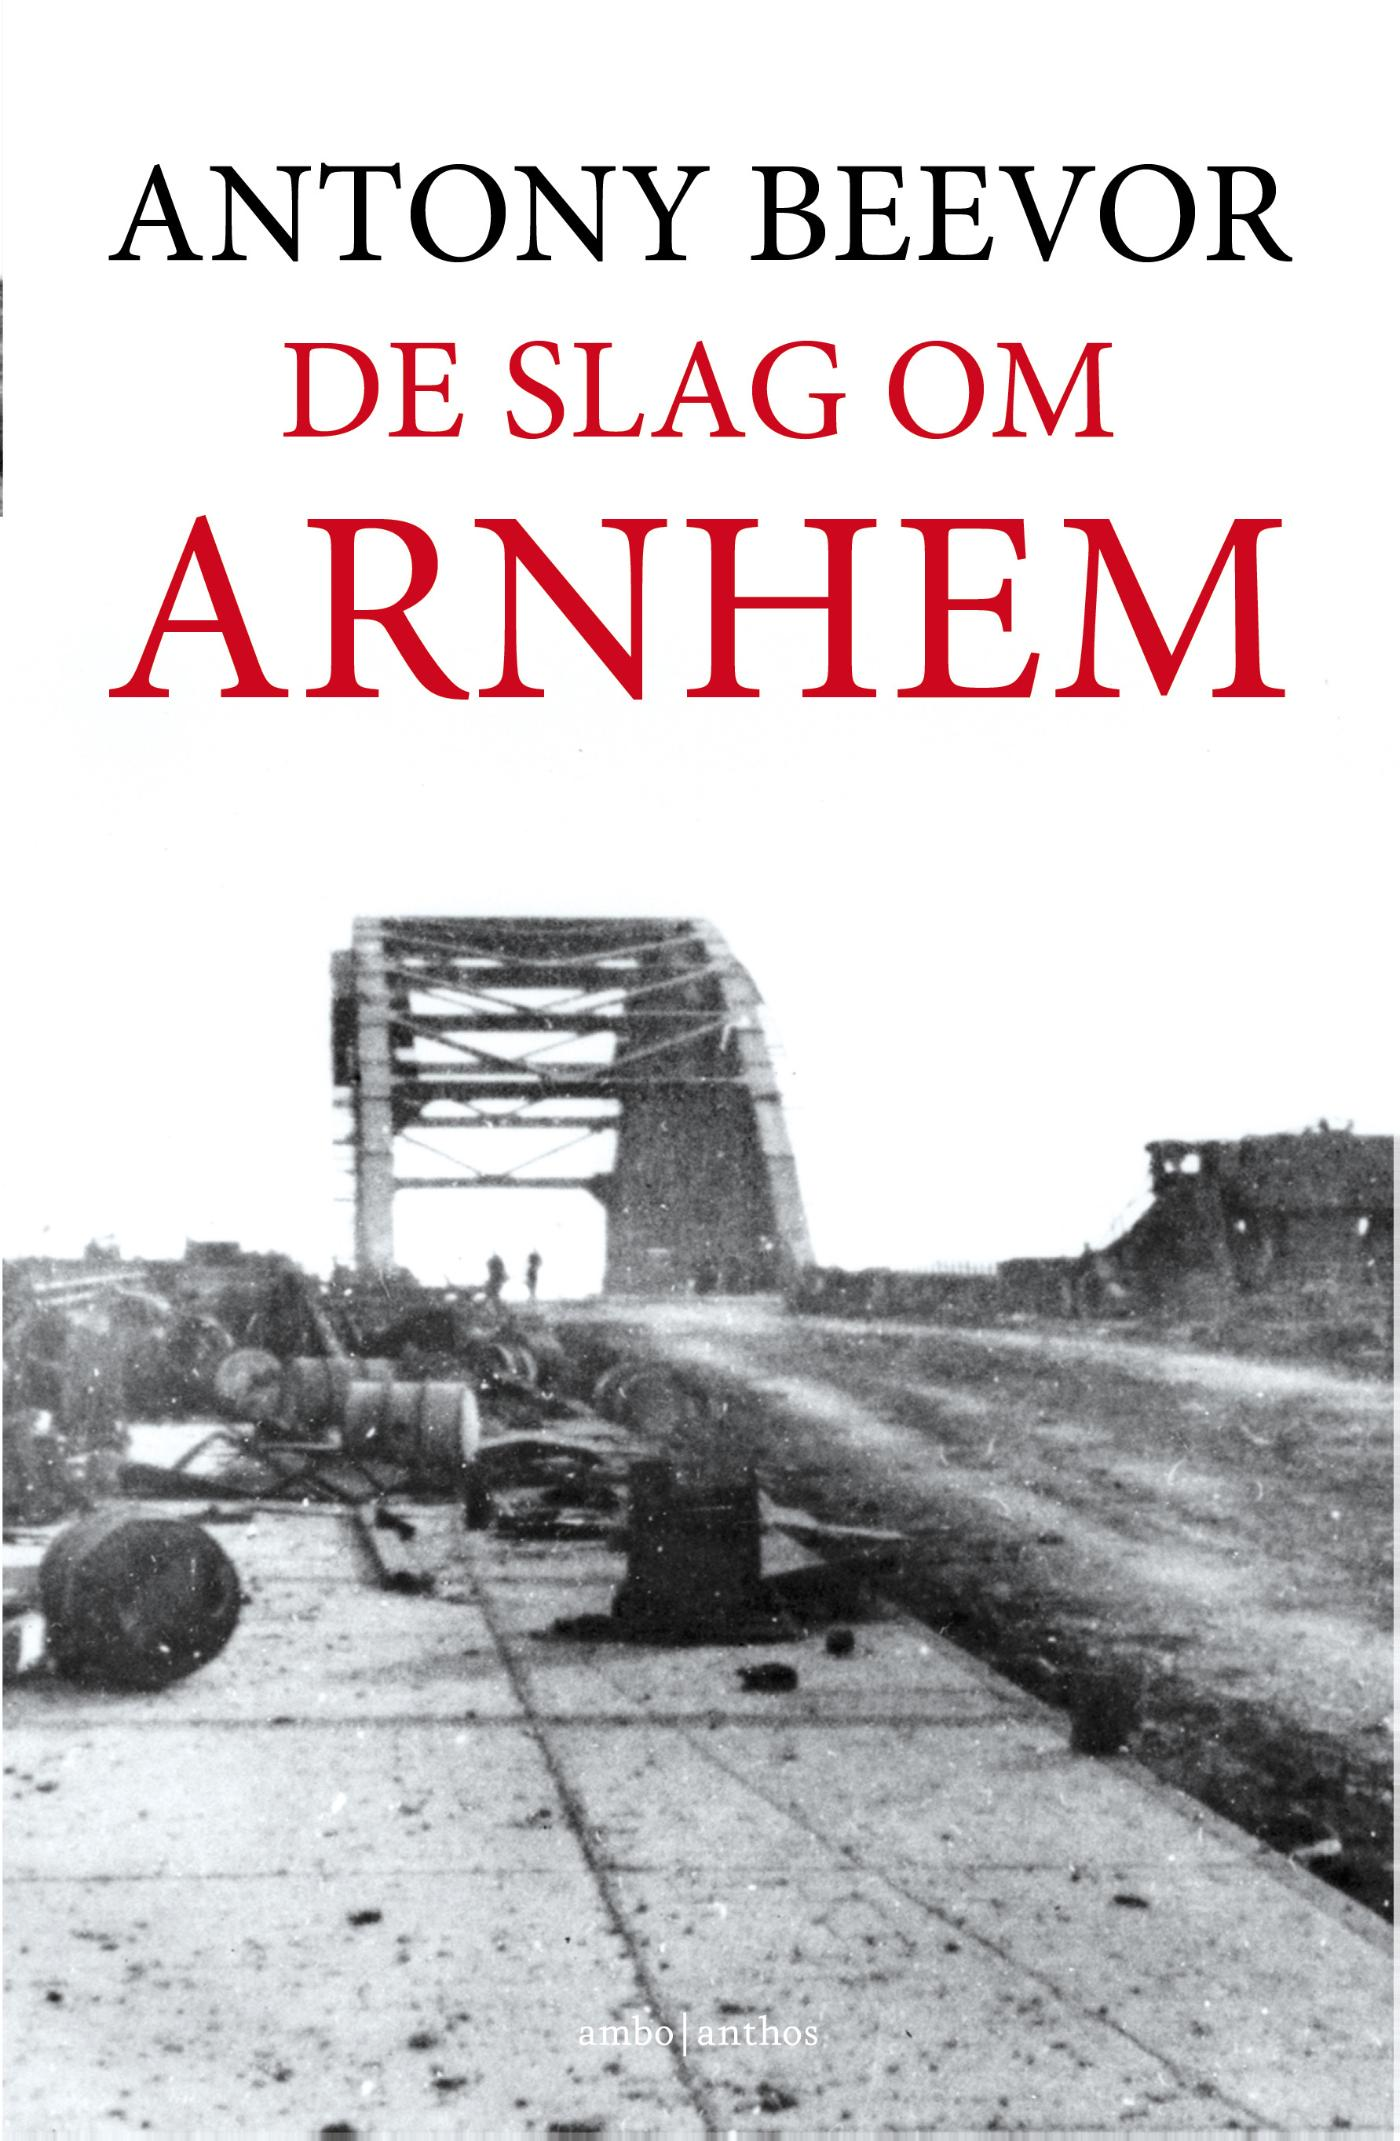 De slag om Arnhem